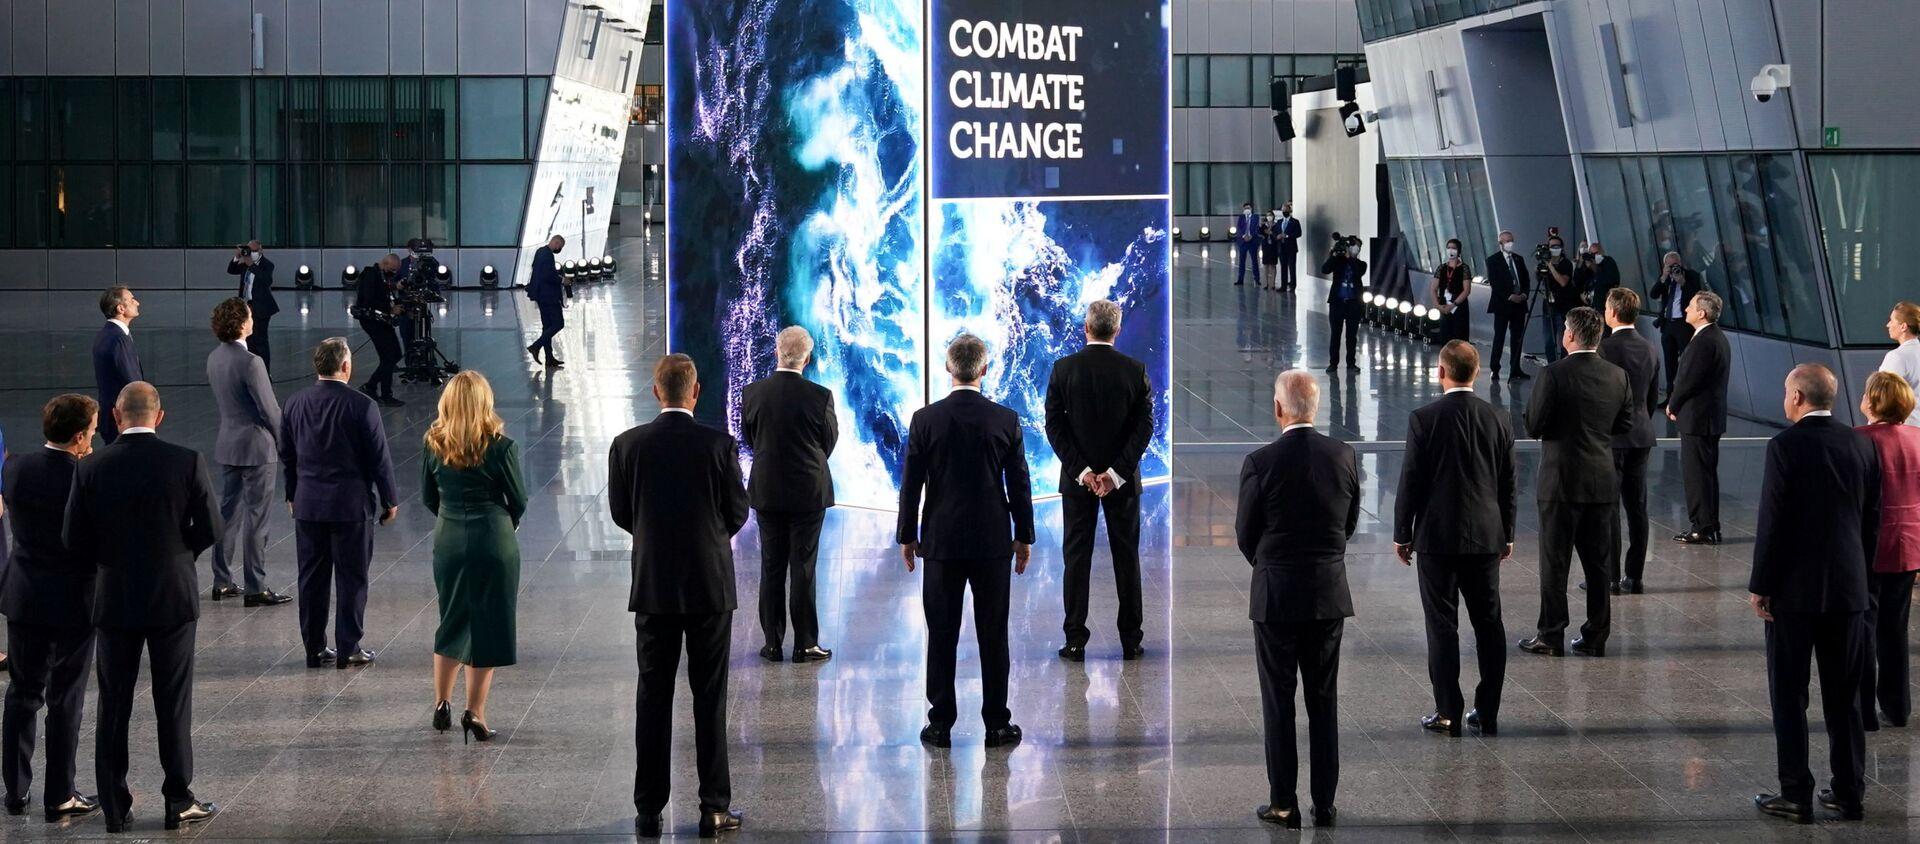 Các nguyên thủ quốc gia và chính phủ NATO trong Hội nghị thượng đỉnh NATO tại Brussels, Bỉ. - Sputnik Việt Nam, 1920, 15.06.2021